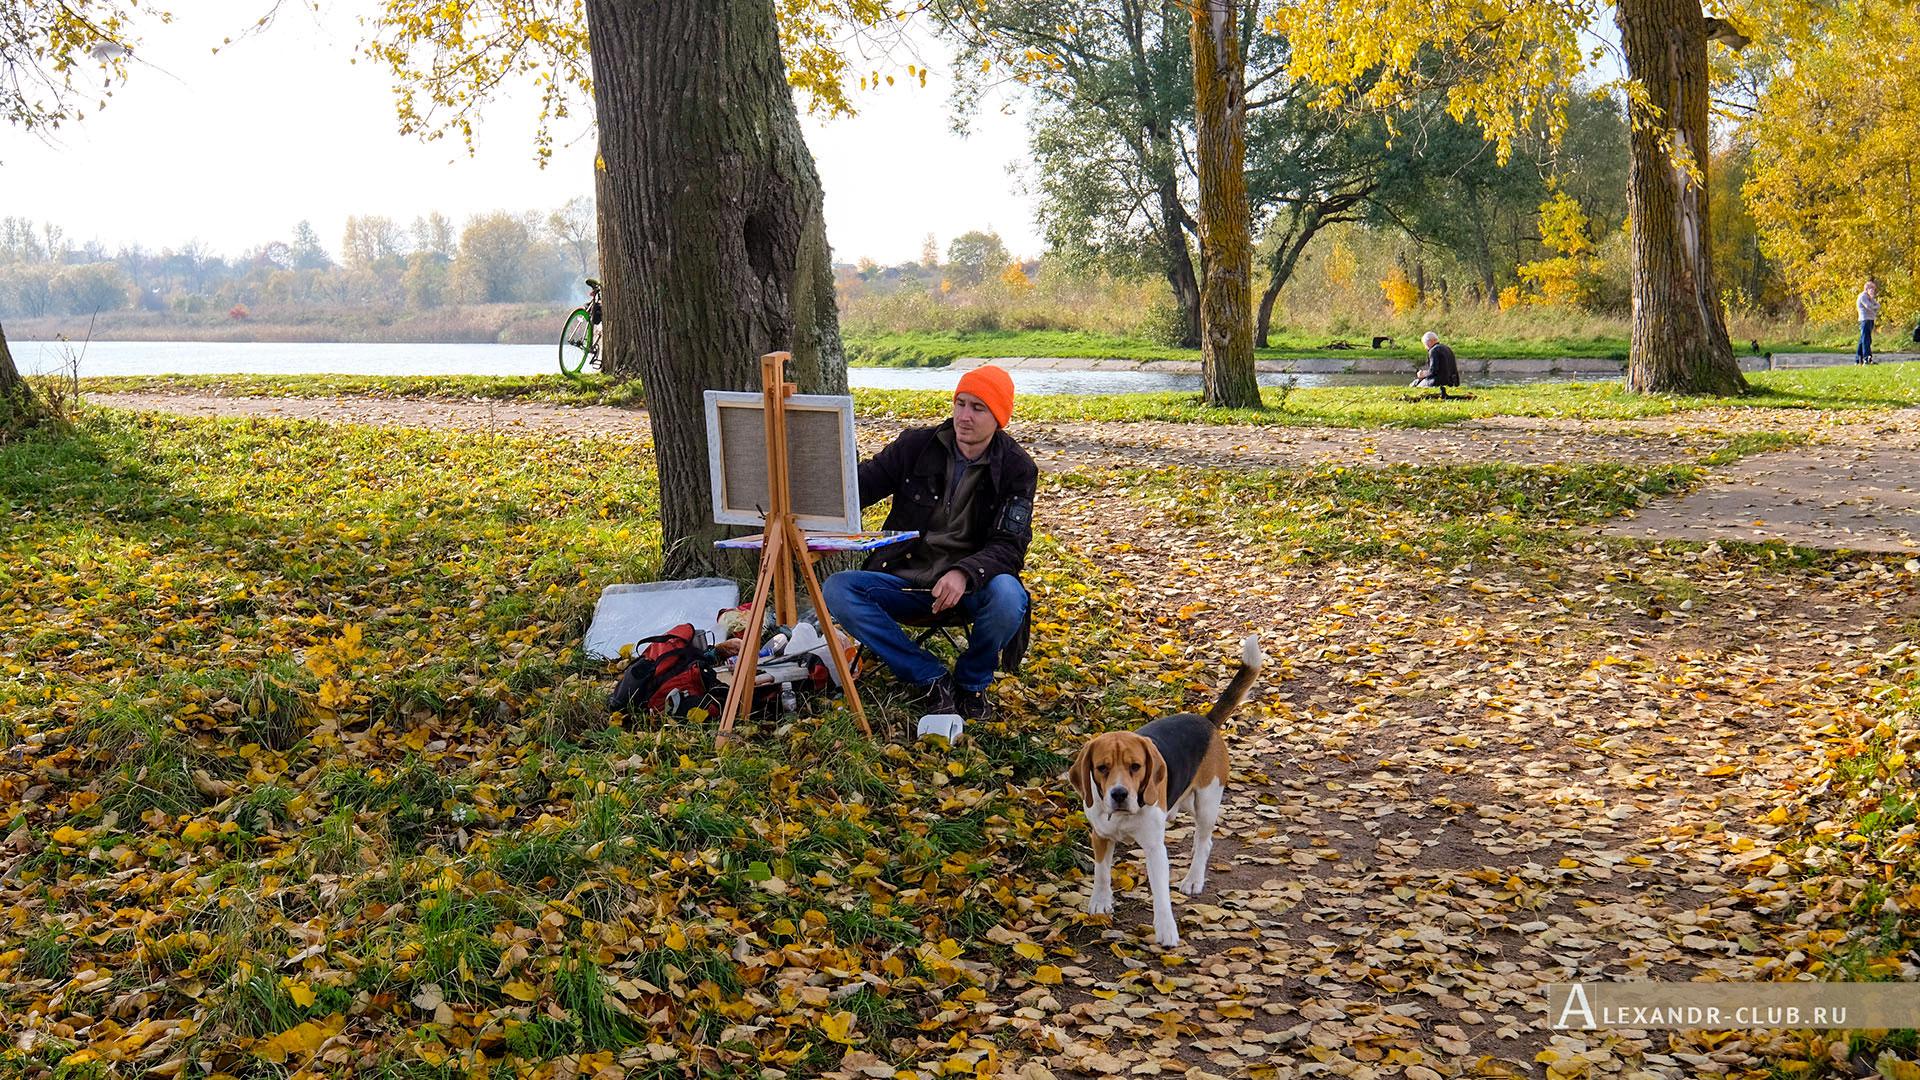 Петергоф, Луговой парк, осень, художник, Бабигонский пруд